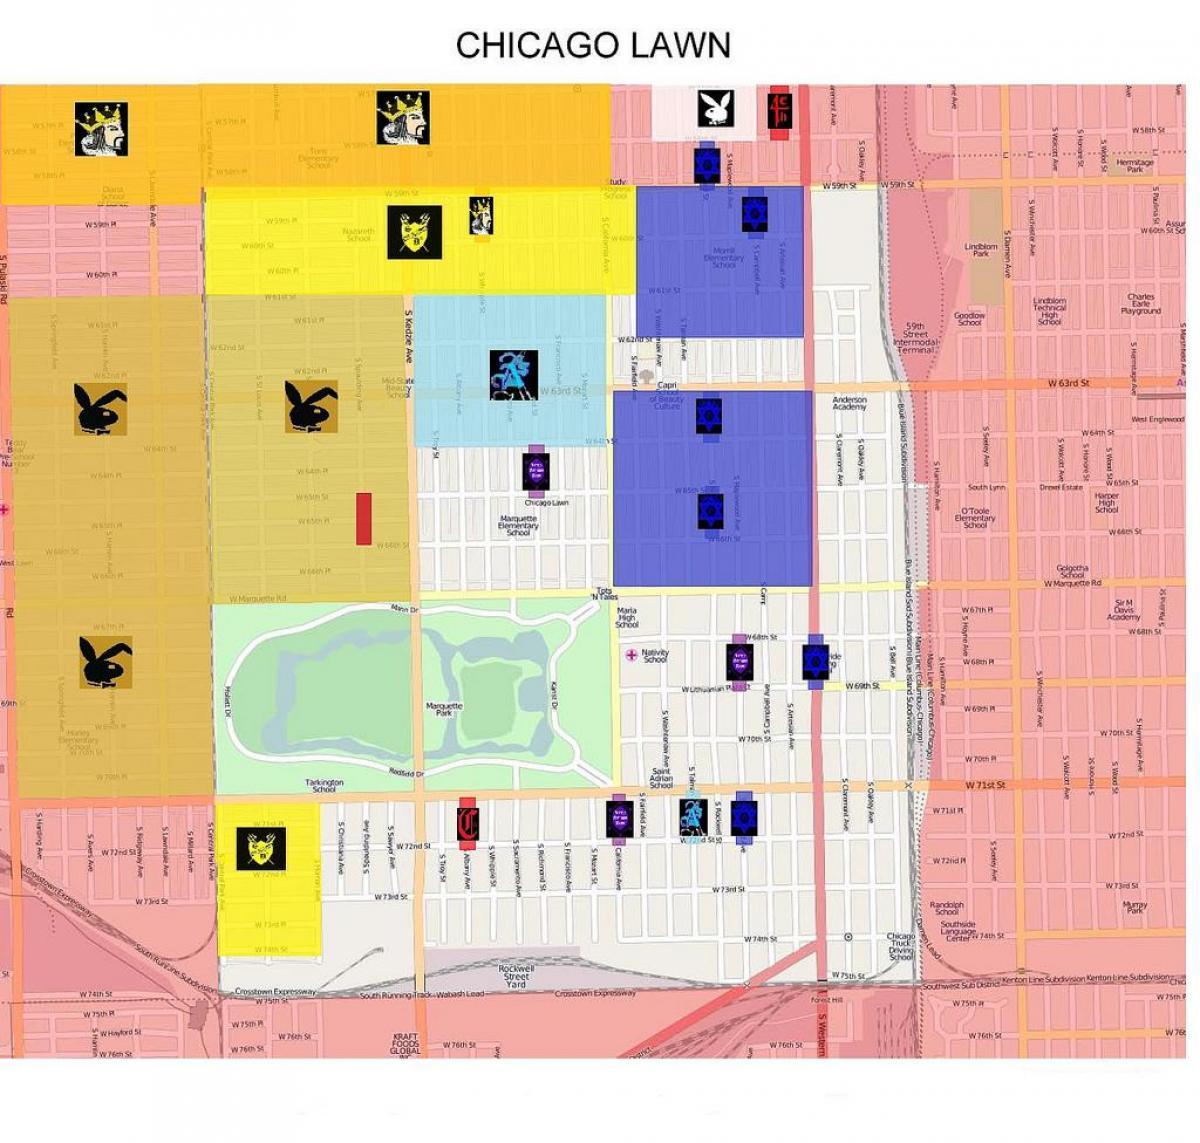 Chicago Bande anzeigen - Gang-map Chicago (Vereinigte Staaten von ...